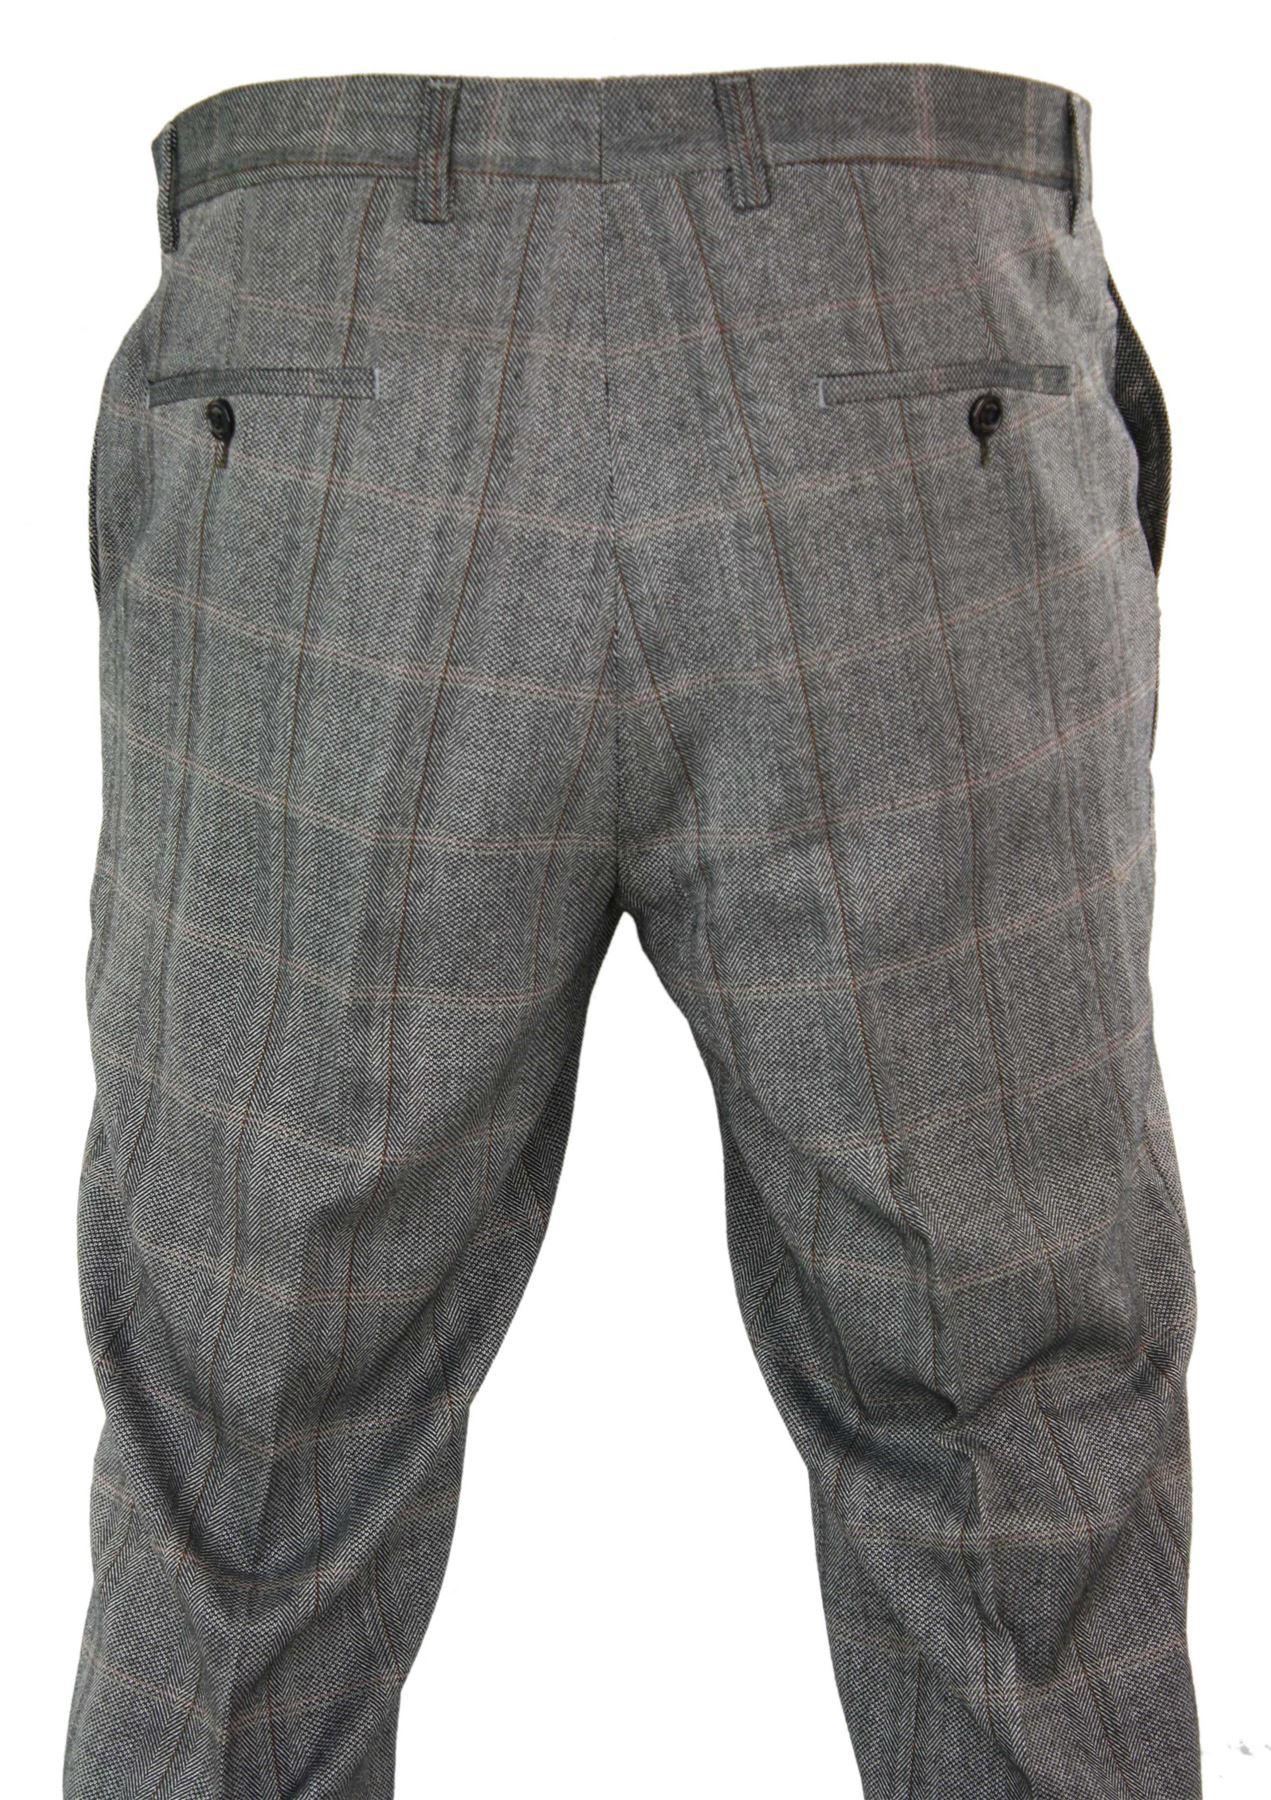 Mens-Herringbone-Tweed-Check-Peaky-Blinders-Trousers-Wool-Vintage-Classic-Retro thumbnail 11